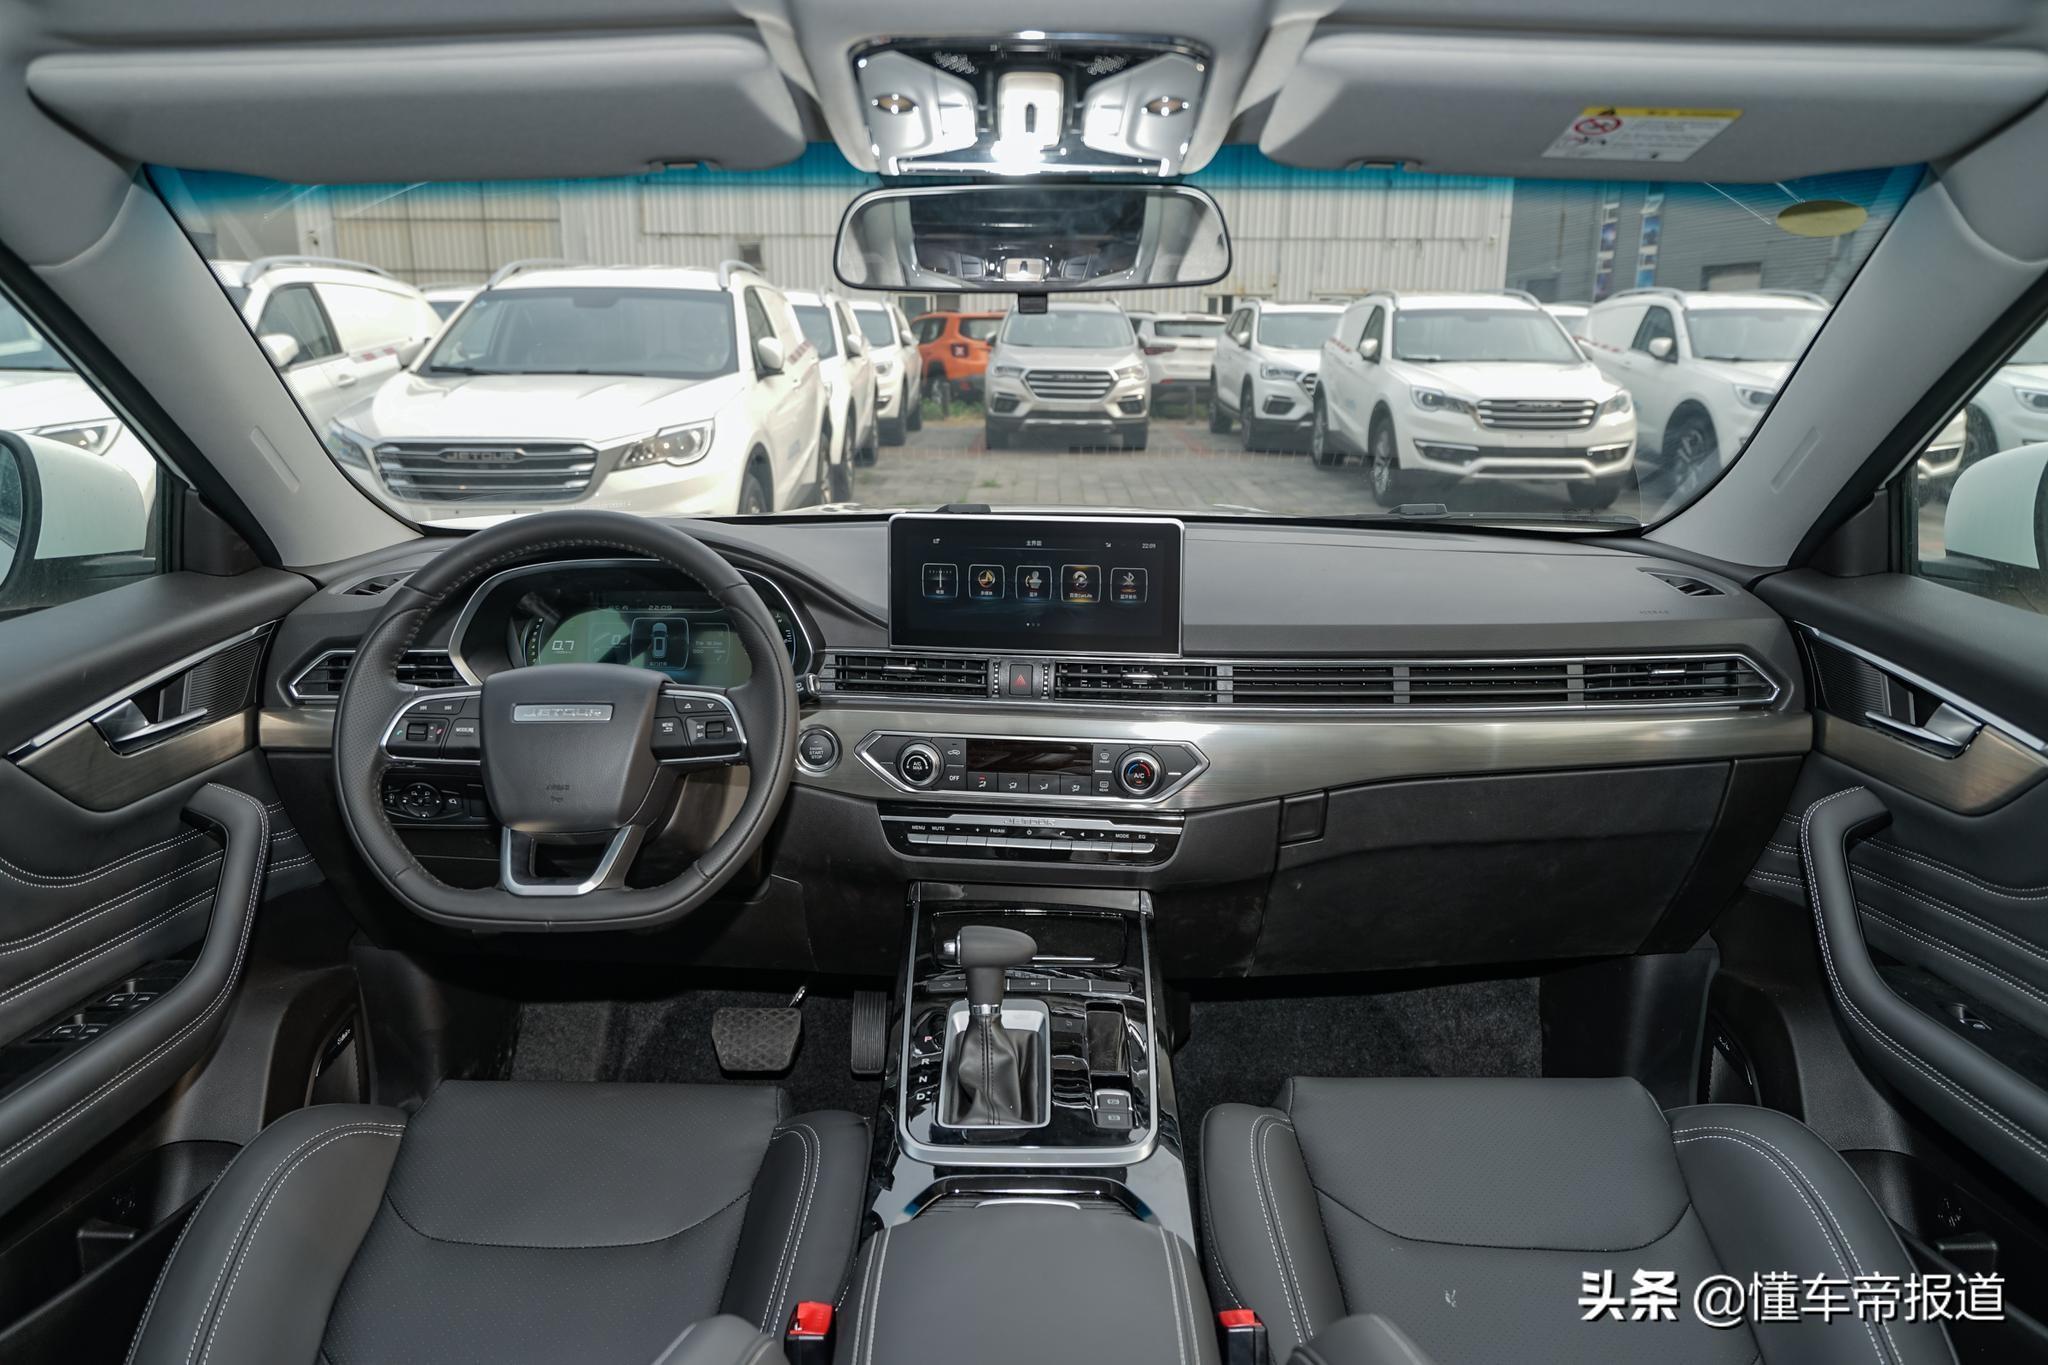 新車|售15.69萬,捷途新SUV上市,比哈弗H6頂配貴兩千